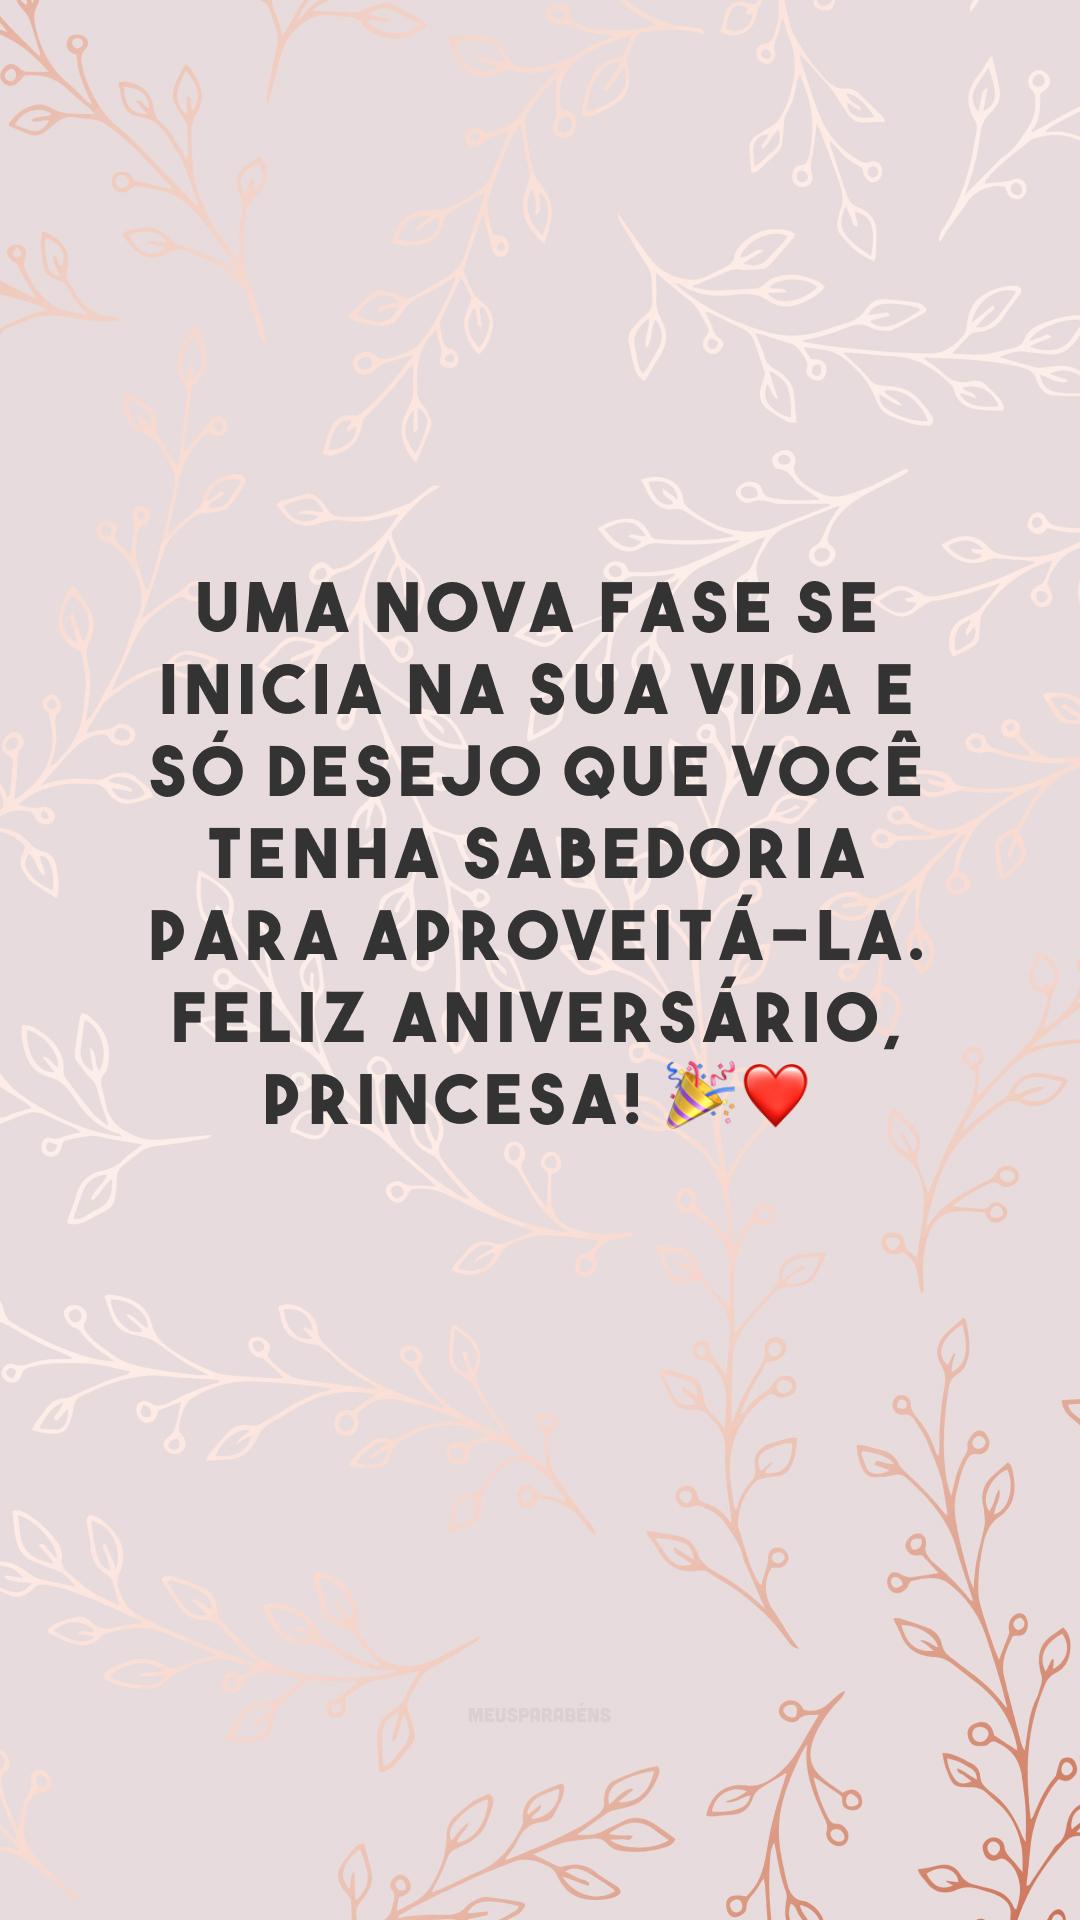 Uma nova fase se inicia na sua vida e só desejo que você tenha sabedoria para aproveitá-la. Feliz aniversário, princesa! 🎉❤️